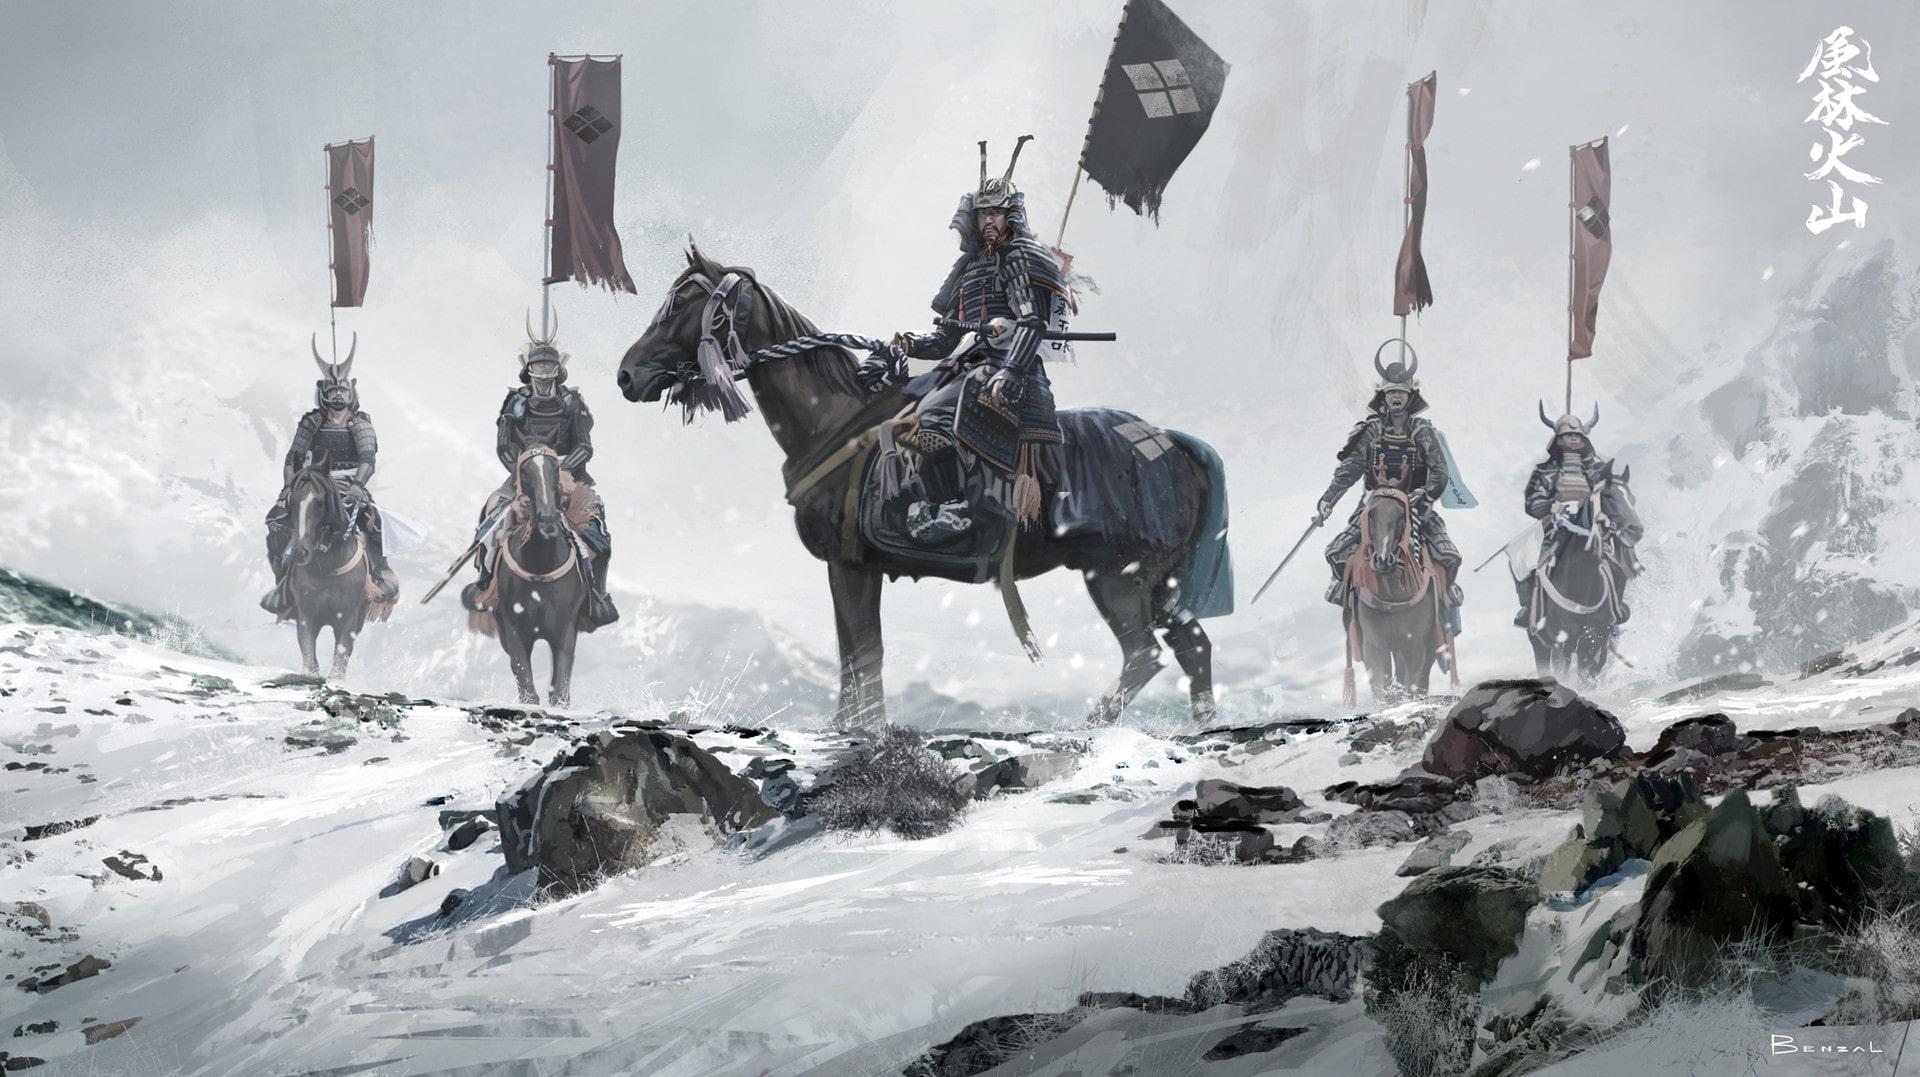 Hình nền PC 4k game đẹp nhất - Manga samurai on horse